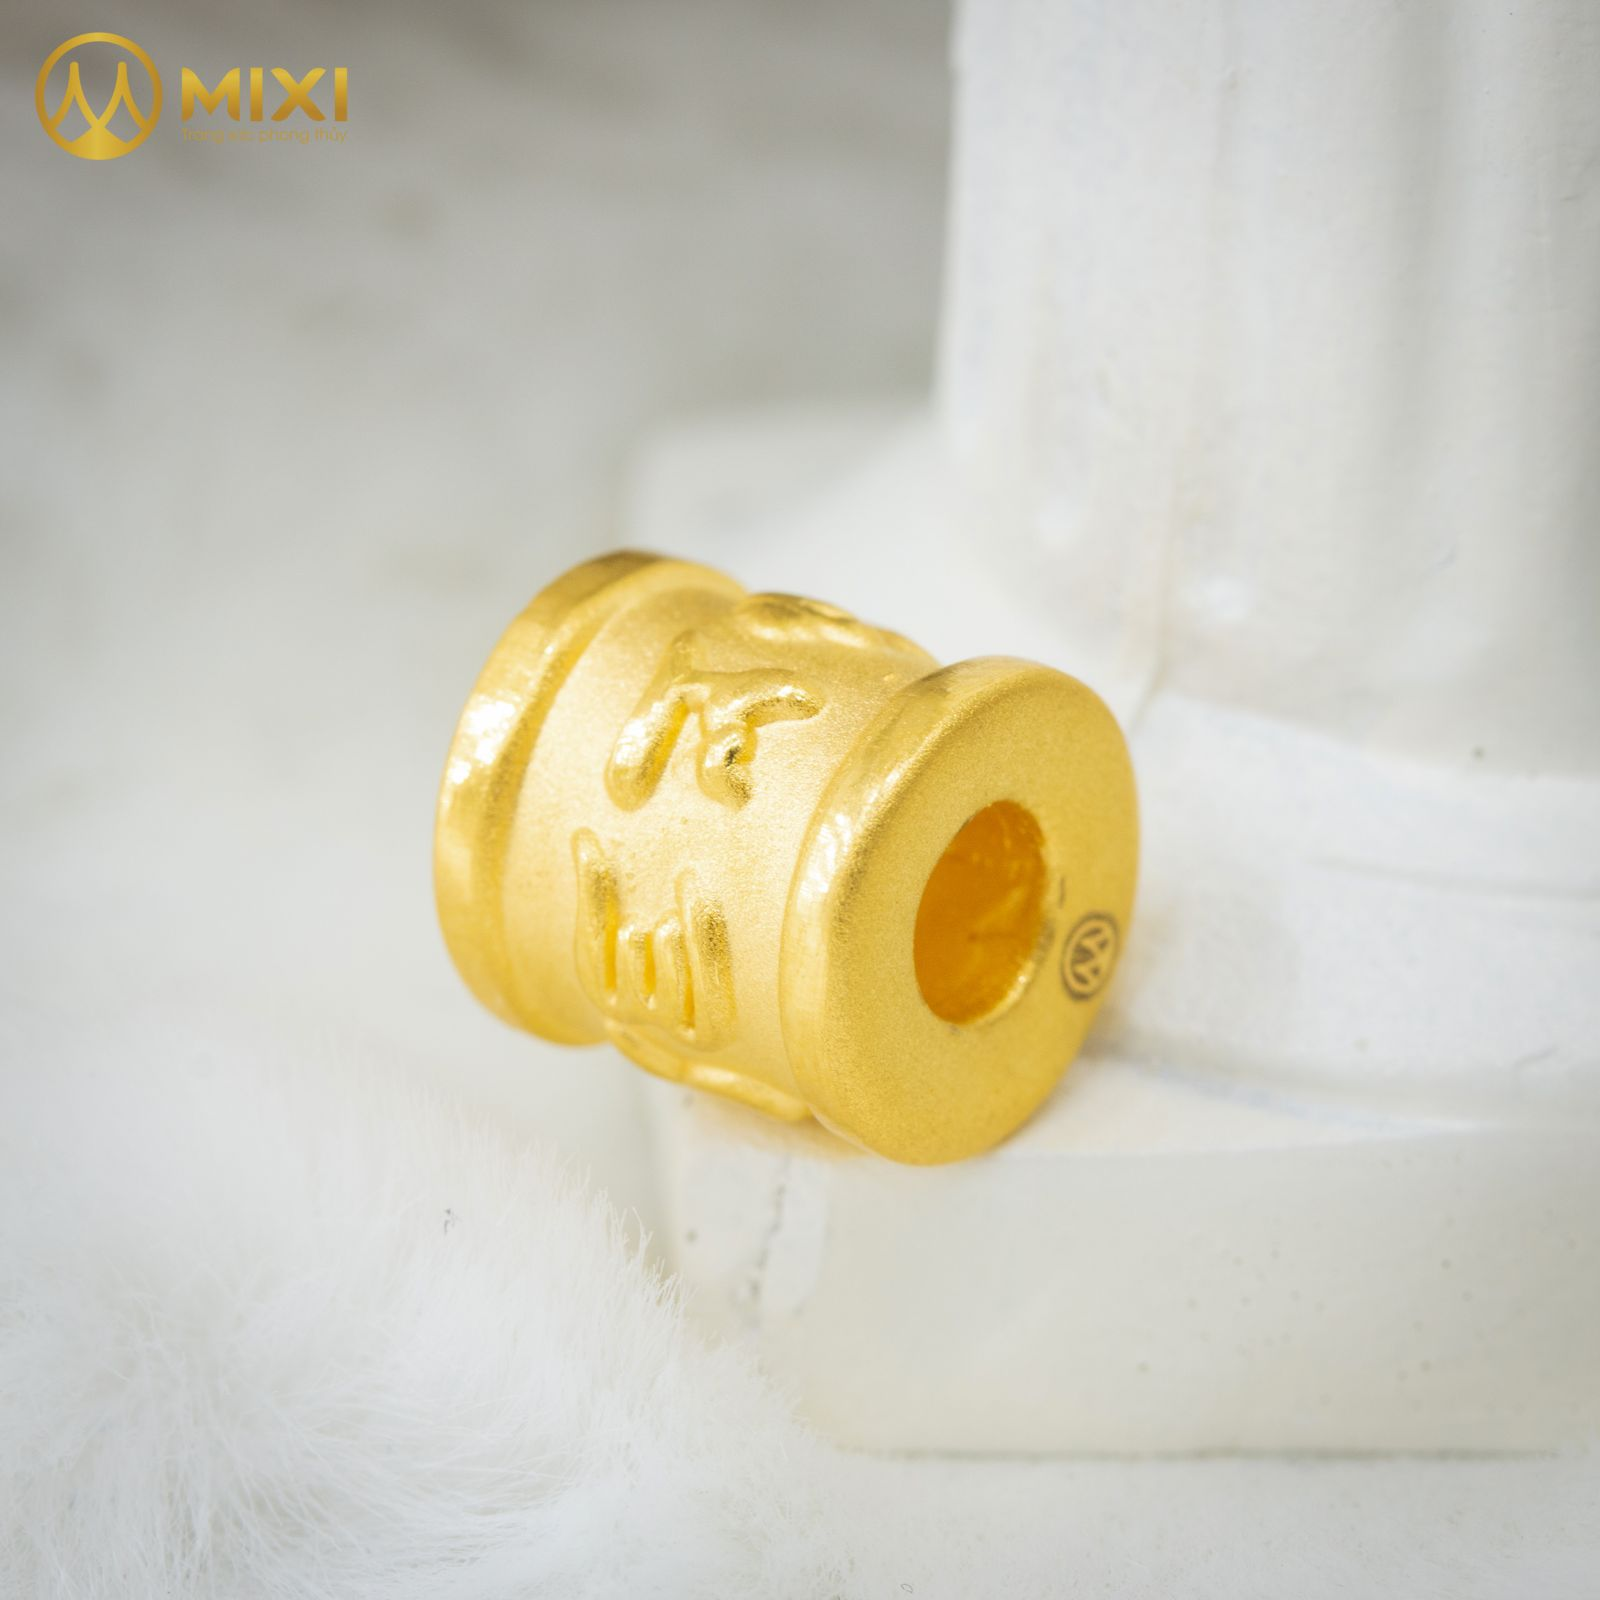 Charm Omshanti Trụ Vàng 24K_10